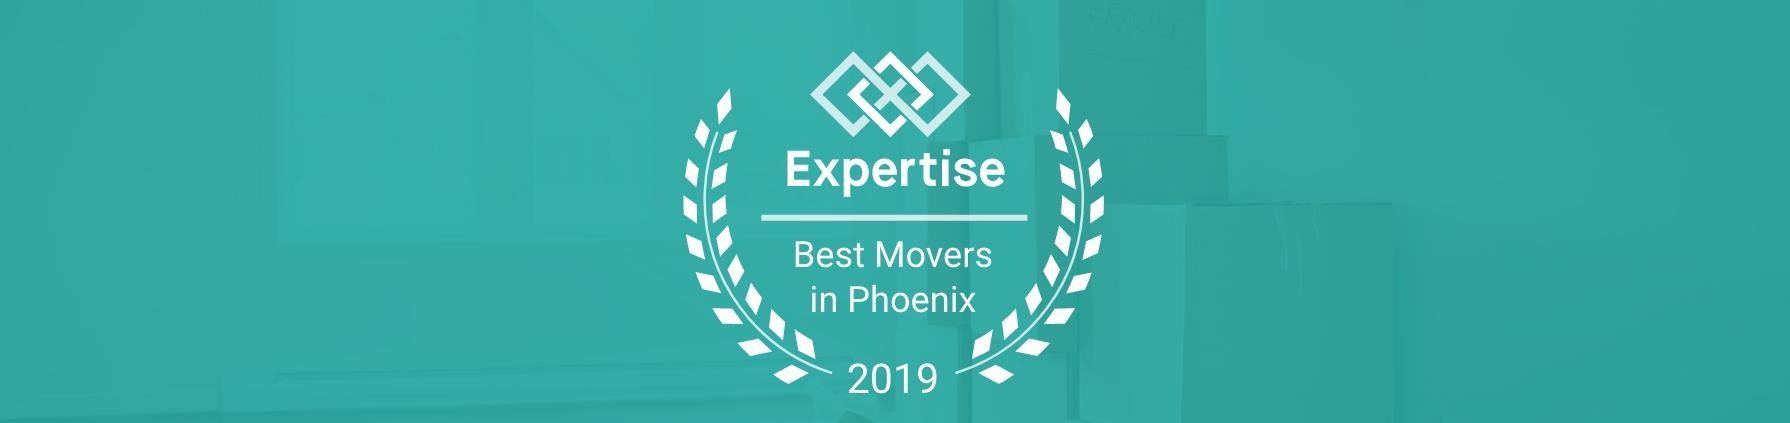 Best Movers in Phoenix 2019 Award